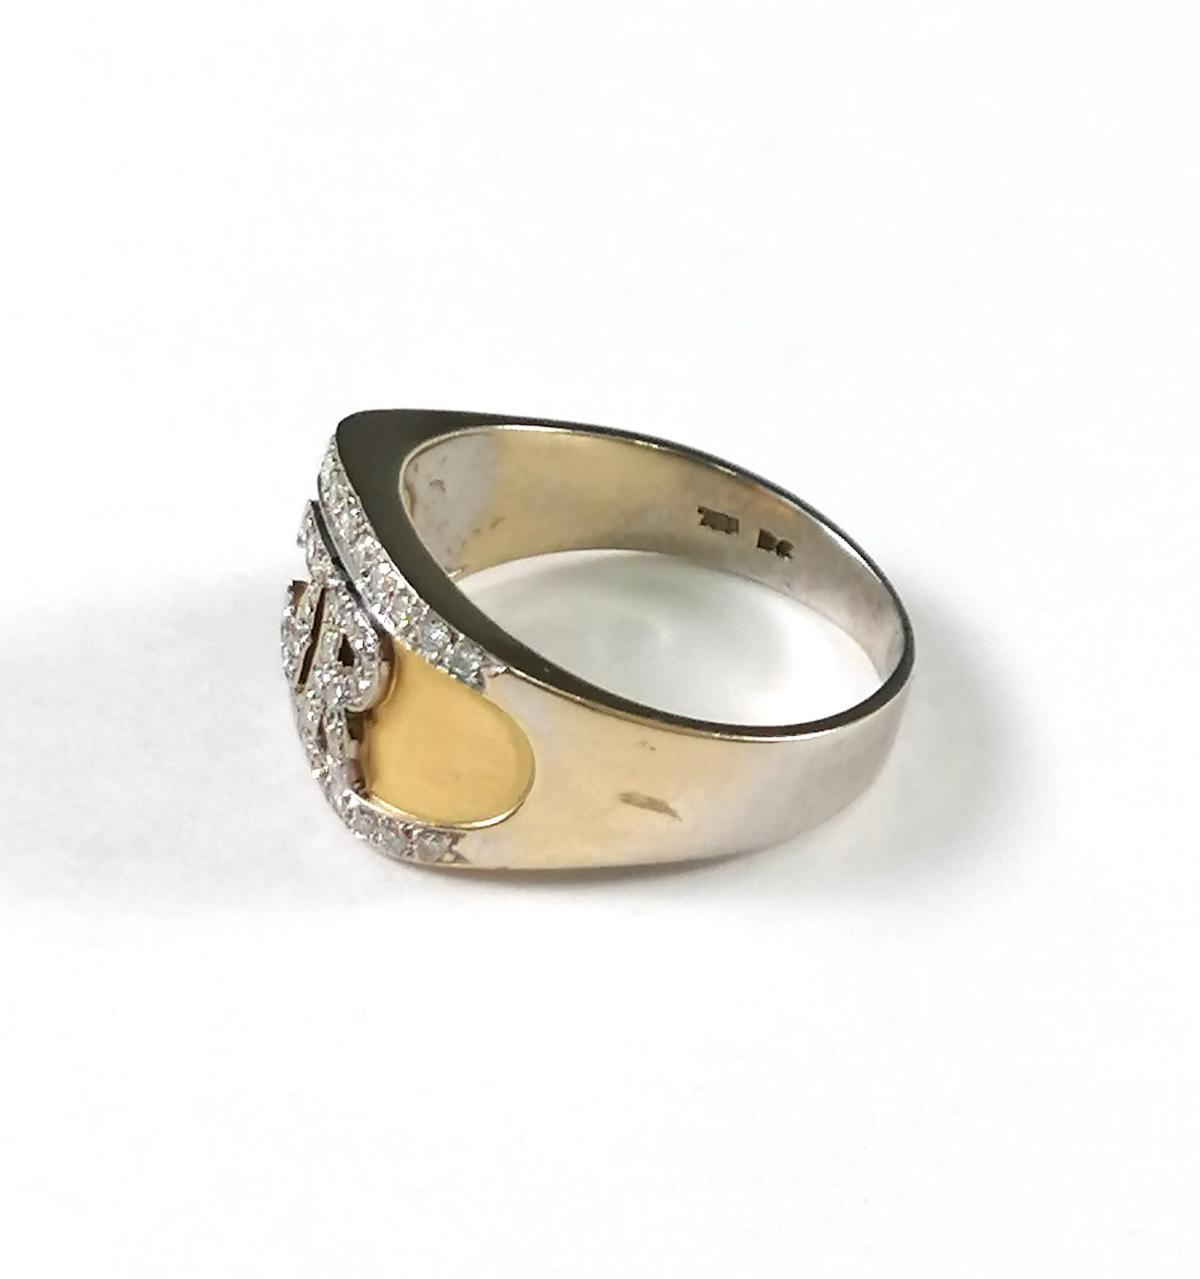 18 Karat Goldring mit Diamanten und Monogramm 'JR'-5